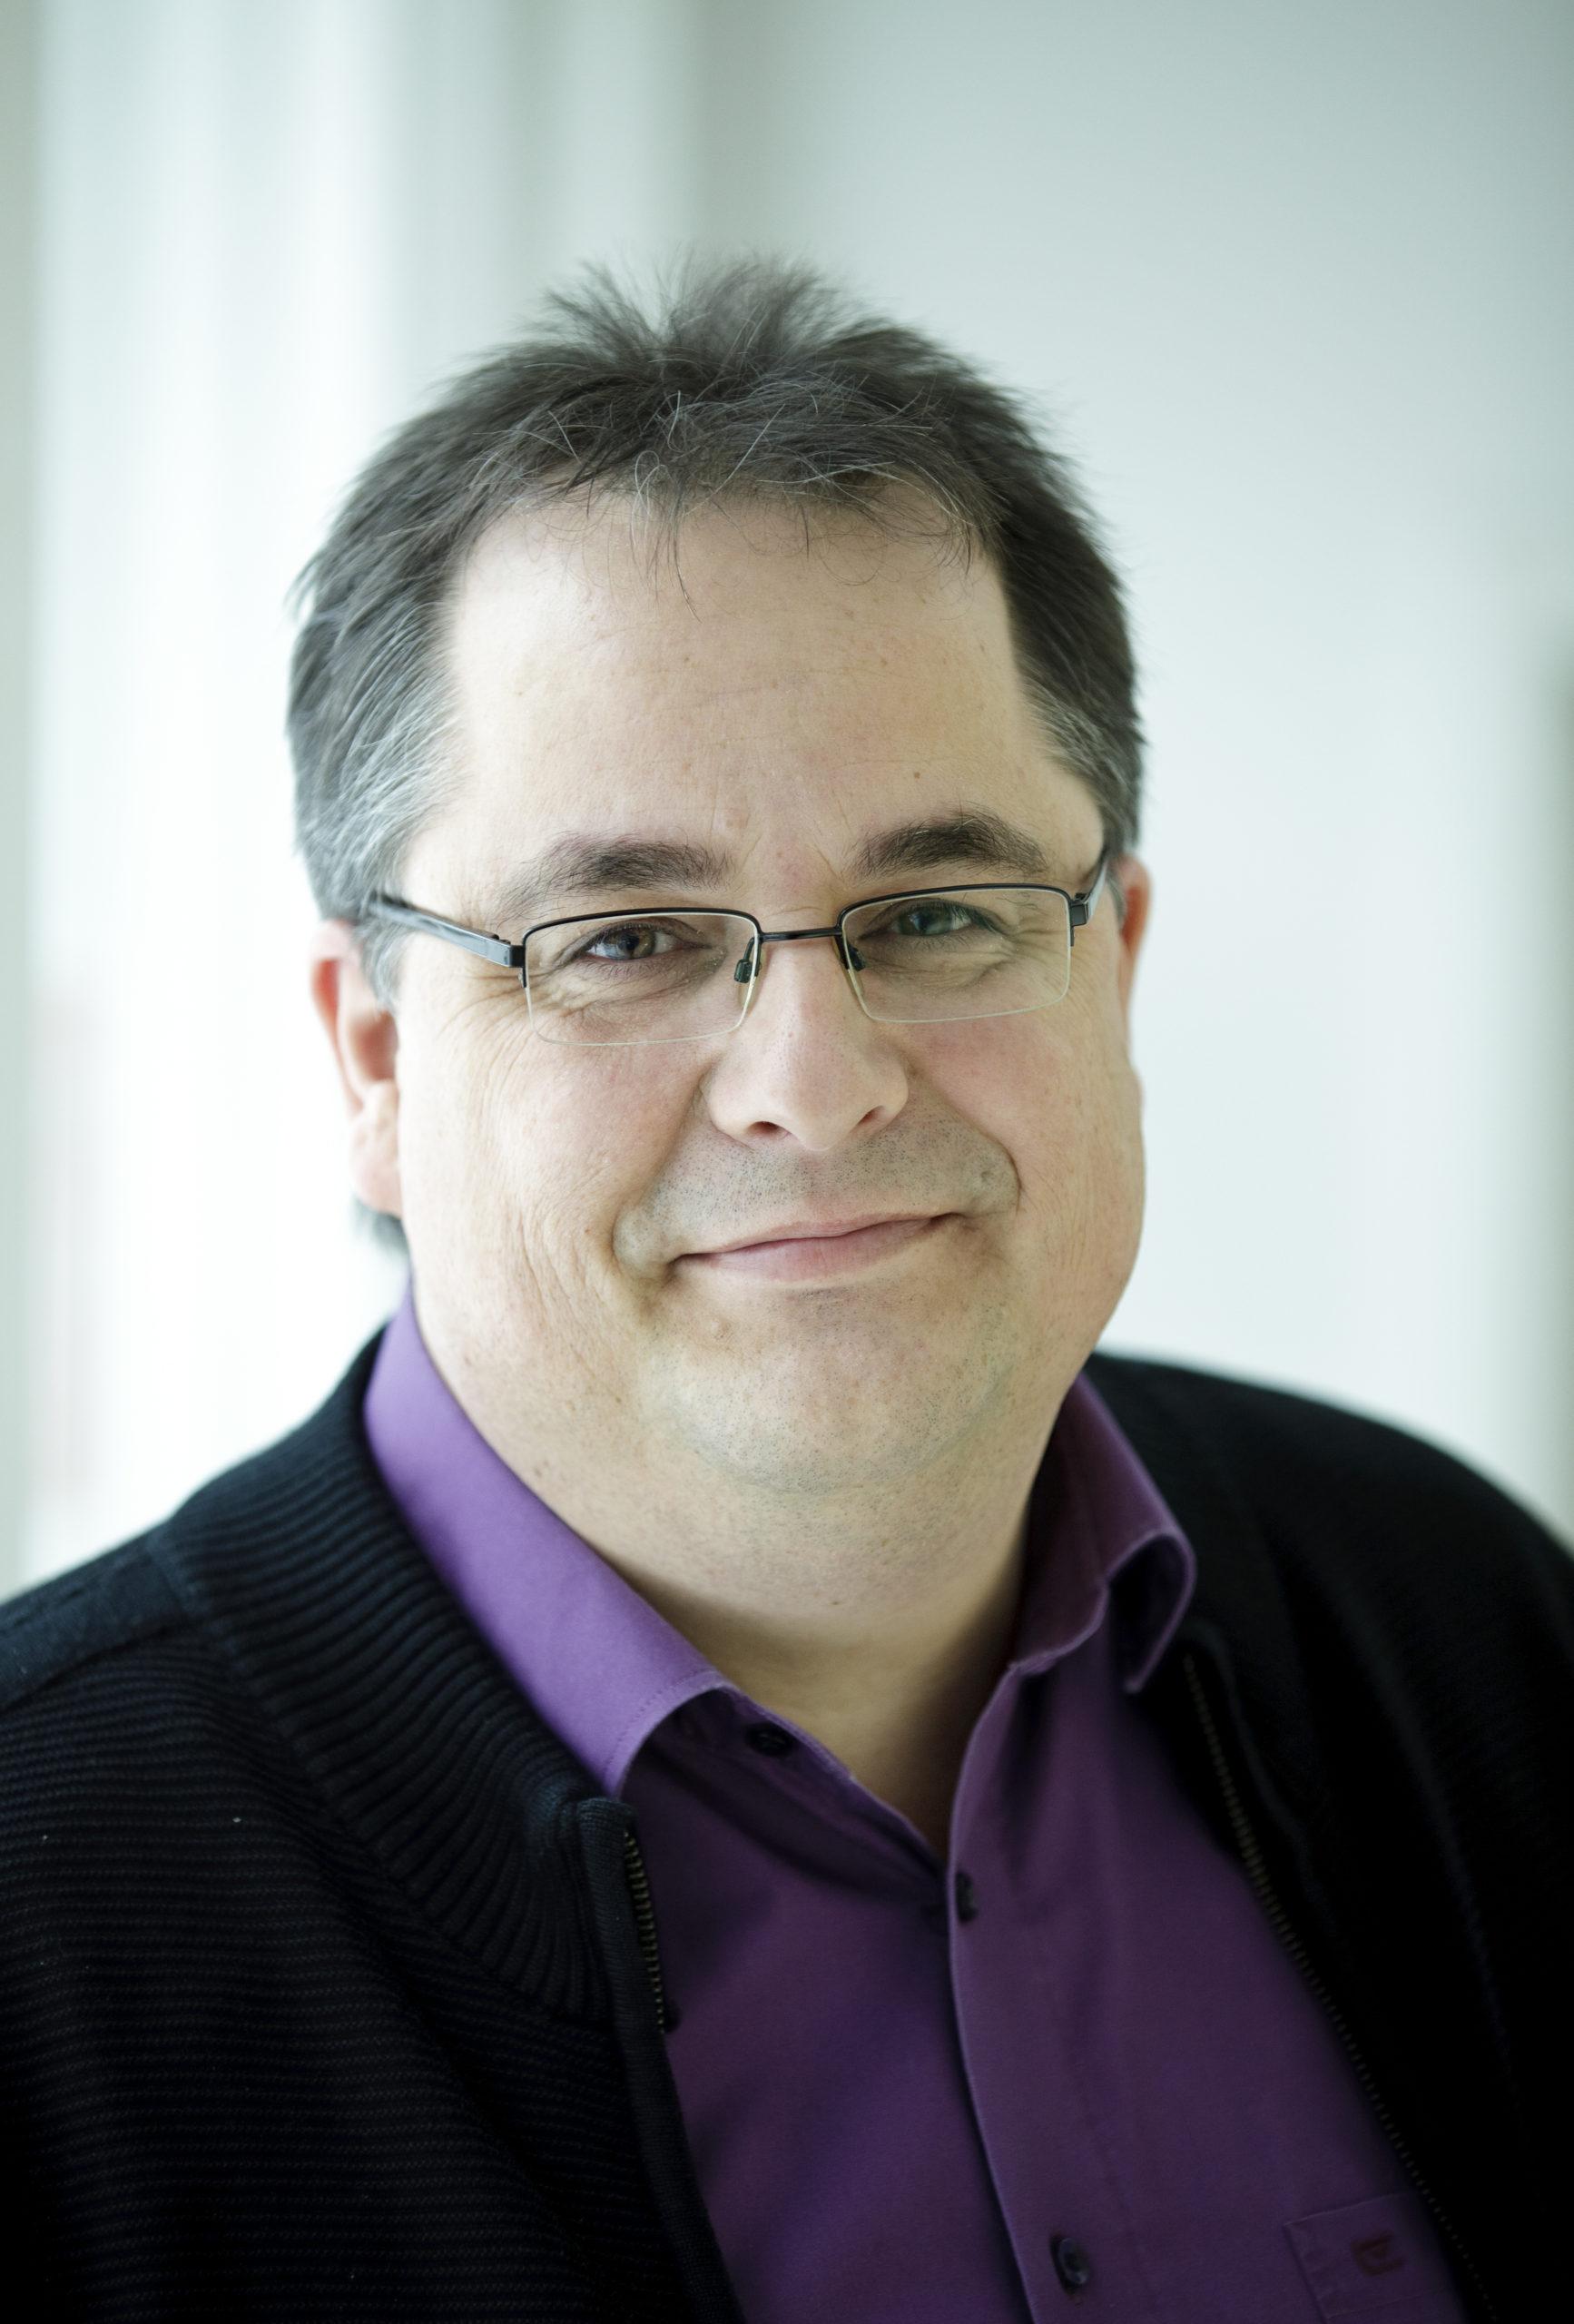 Andreas Zuther, Geschäftsleiter bei der Zuther GmbH in Karwitz